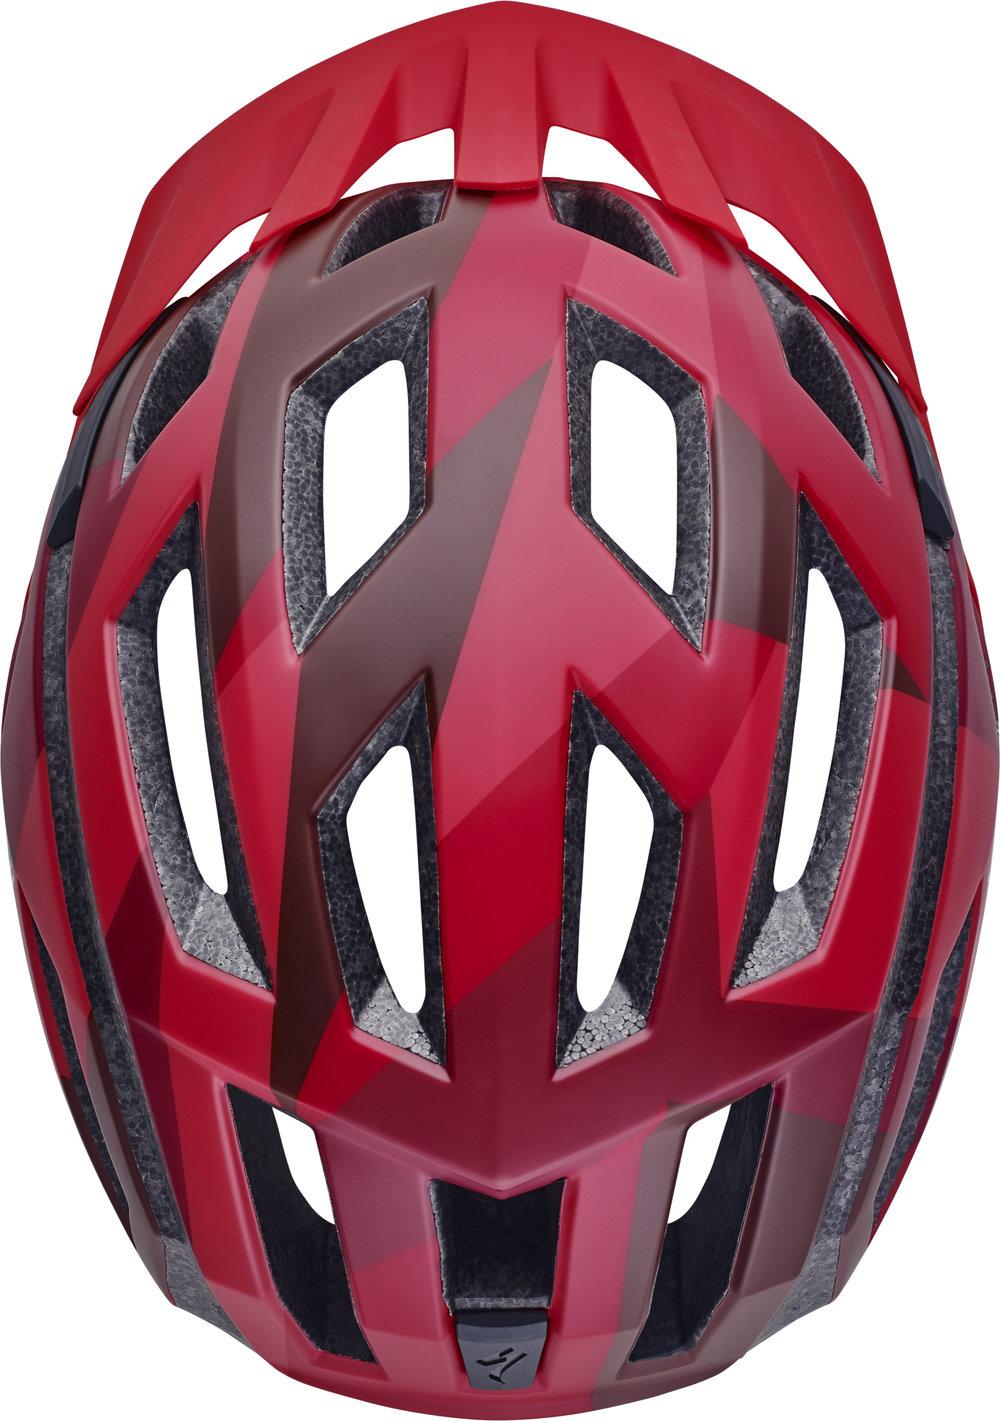 Tactic helmet - $75